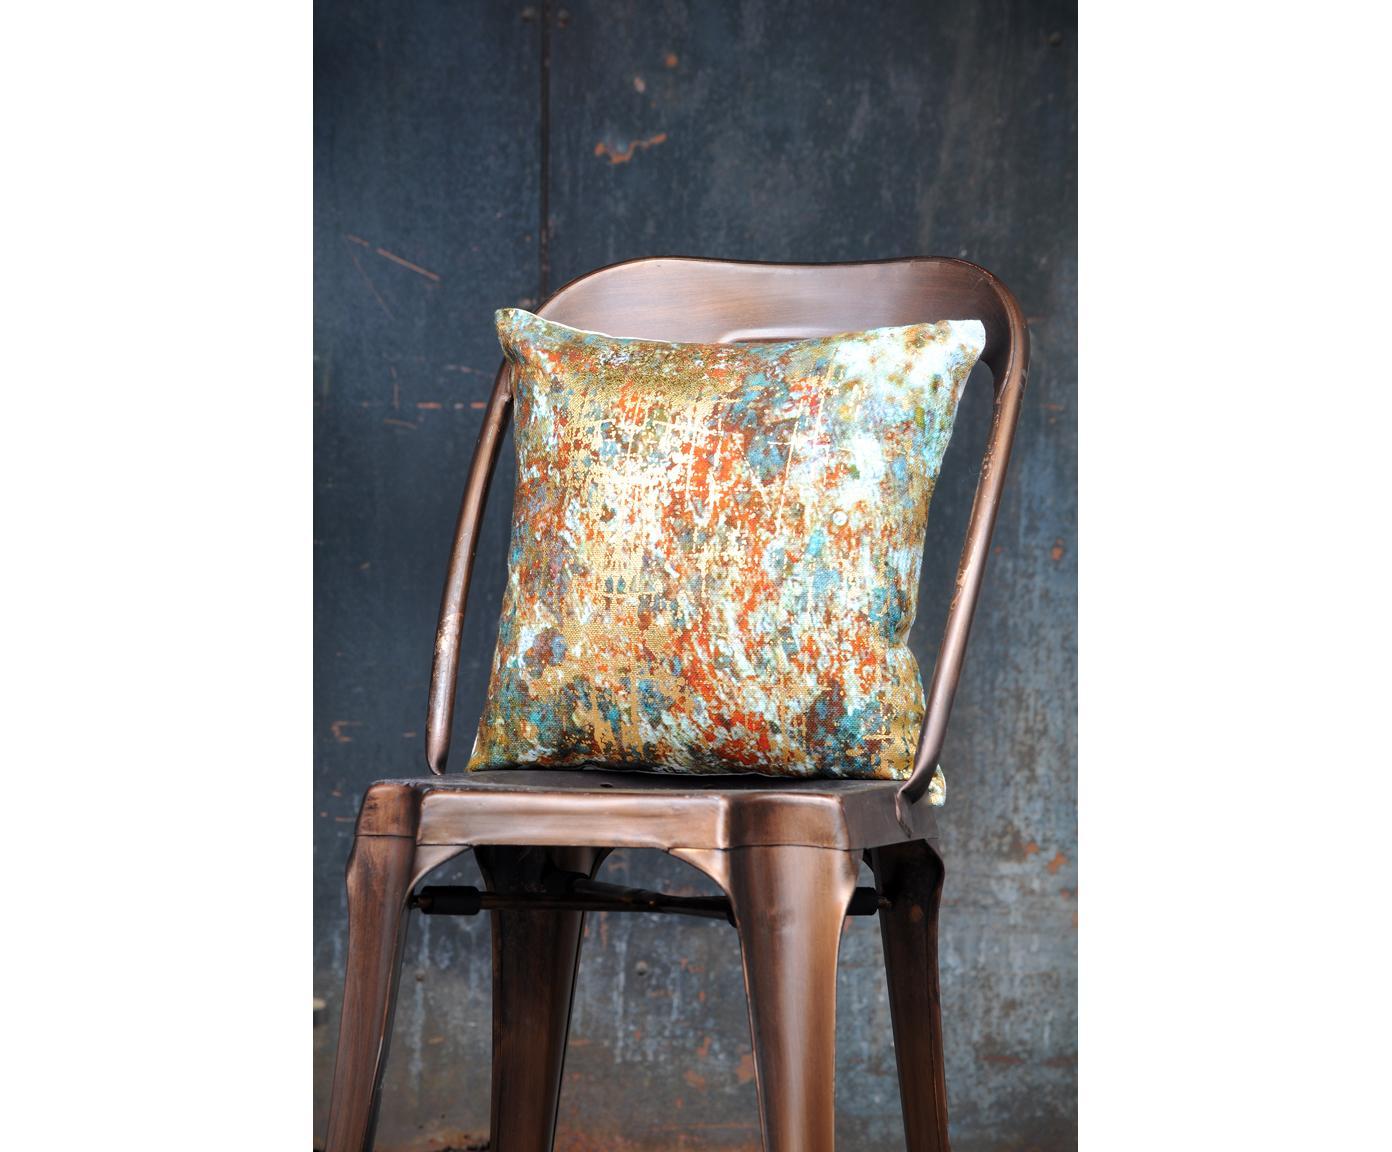 Poszewka na poduszkę Fabienn, Bawełna, Wielobarwny, odcienie złotego, S 40 x D 40 cm